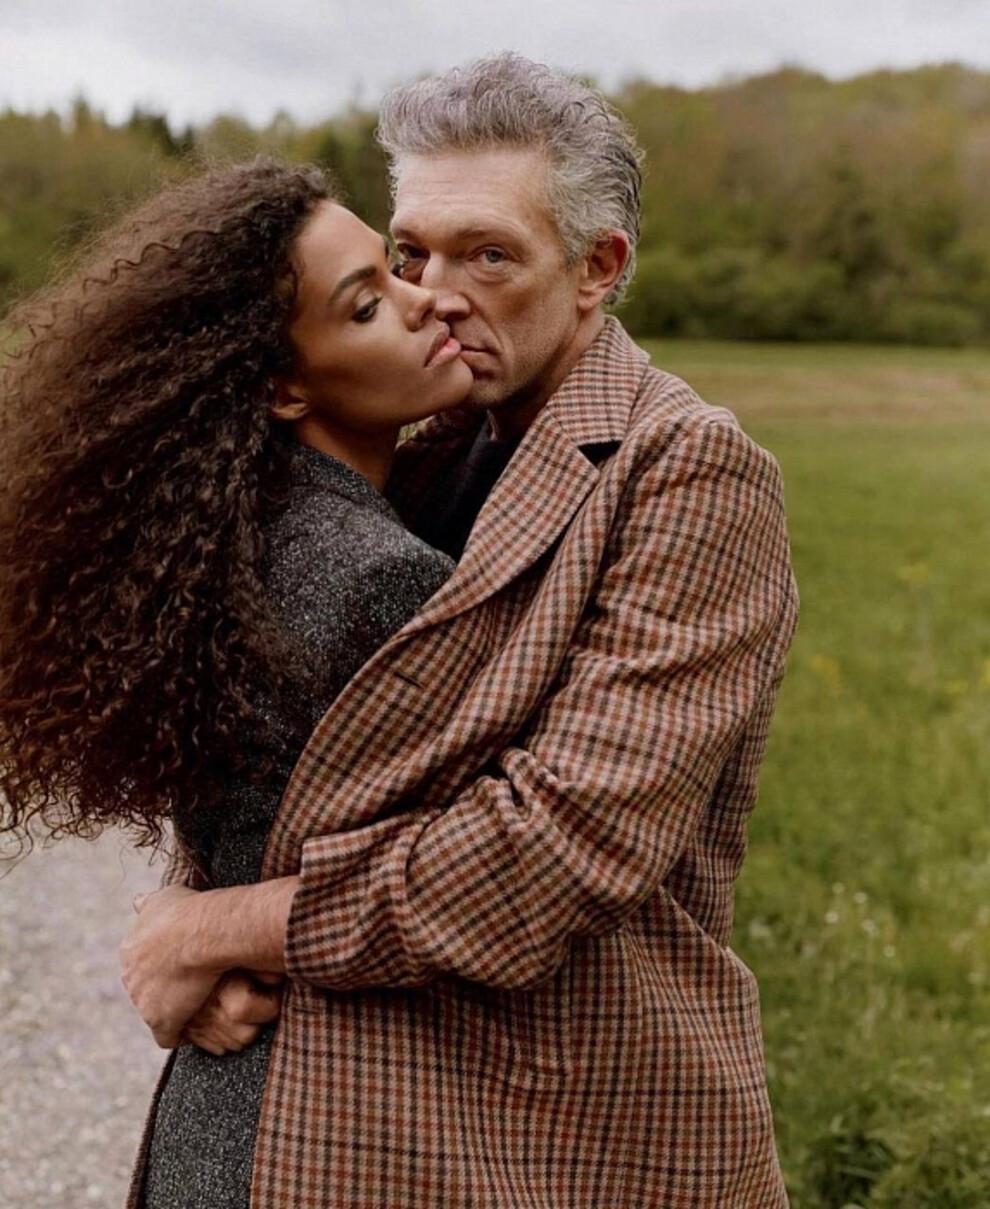 Чувственная пара: Венсан Кассель и Тина Кунаки стали главными героями рекламной кампании The Kooples (ФОТО) - фото №1